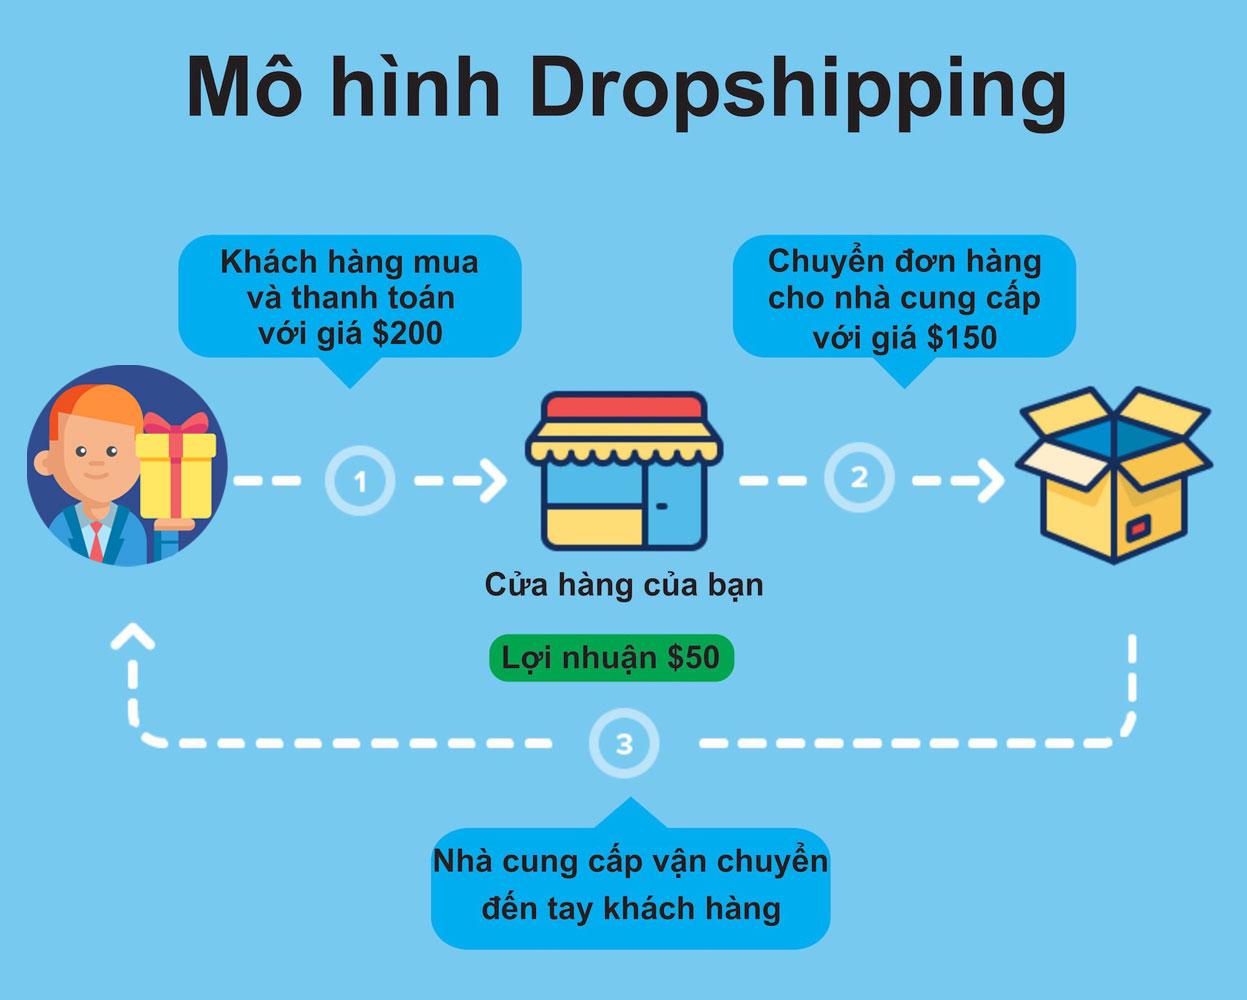 mô hình dropshipping1